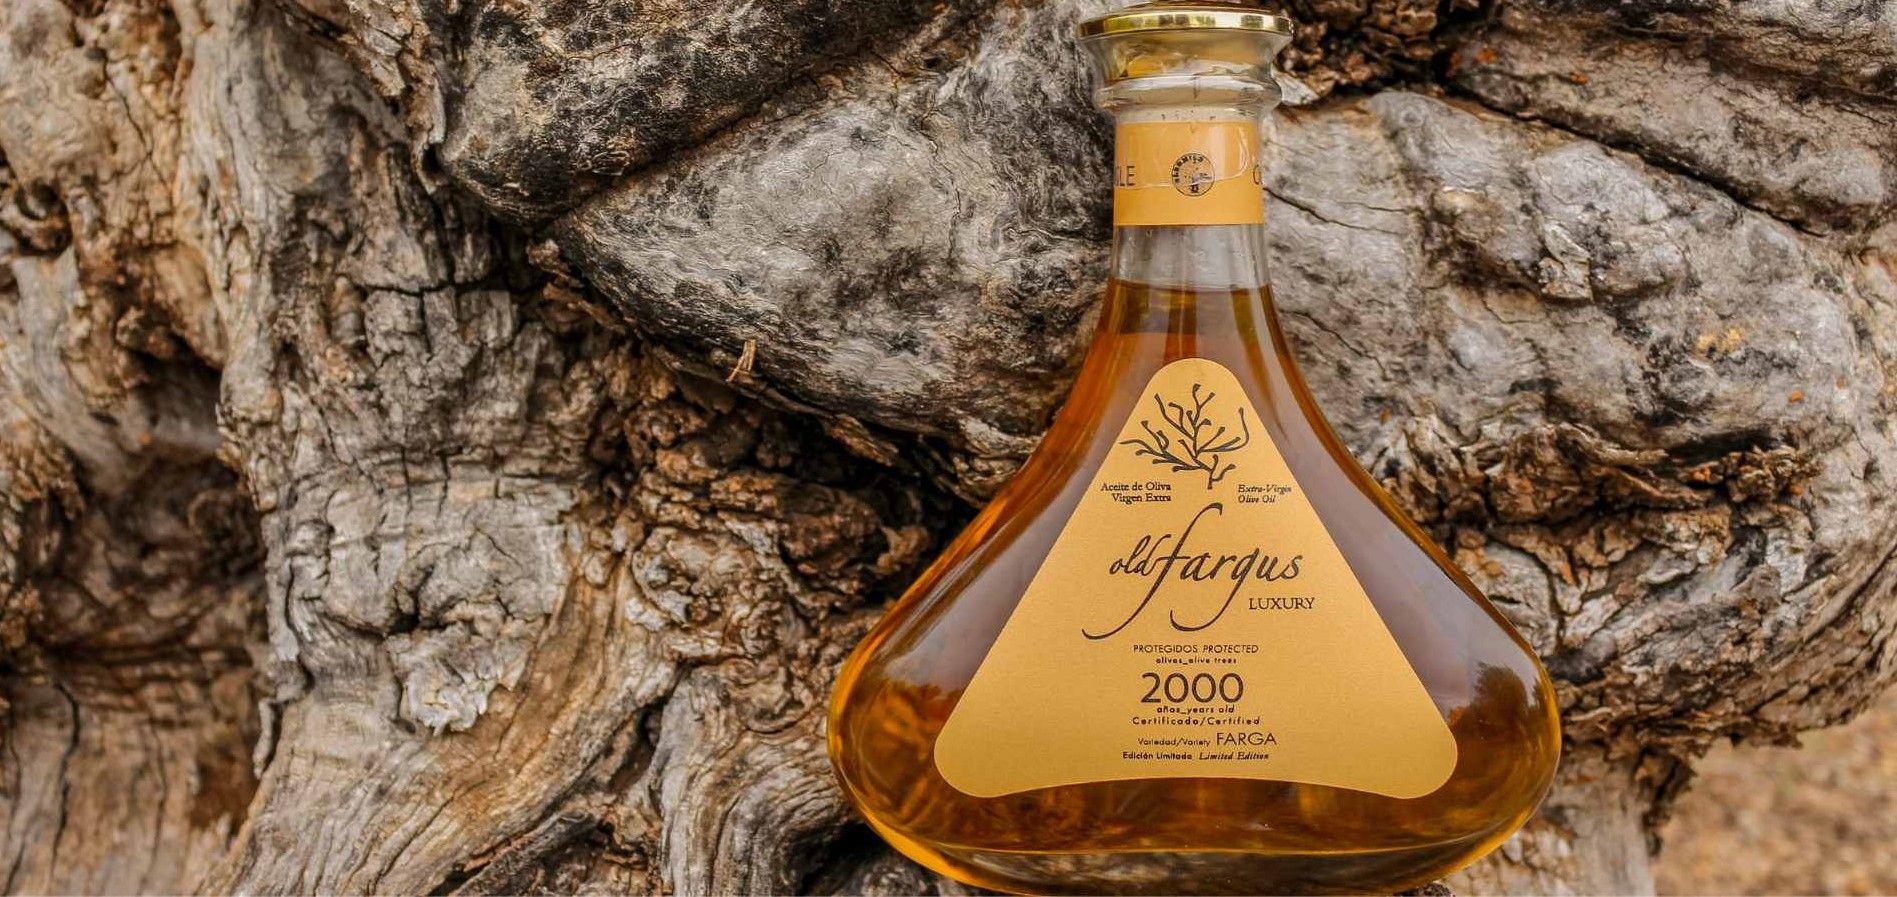 exclusive olive oil oldfargus